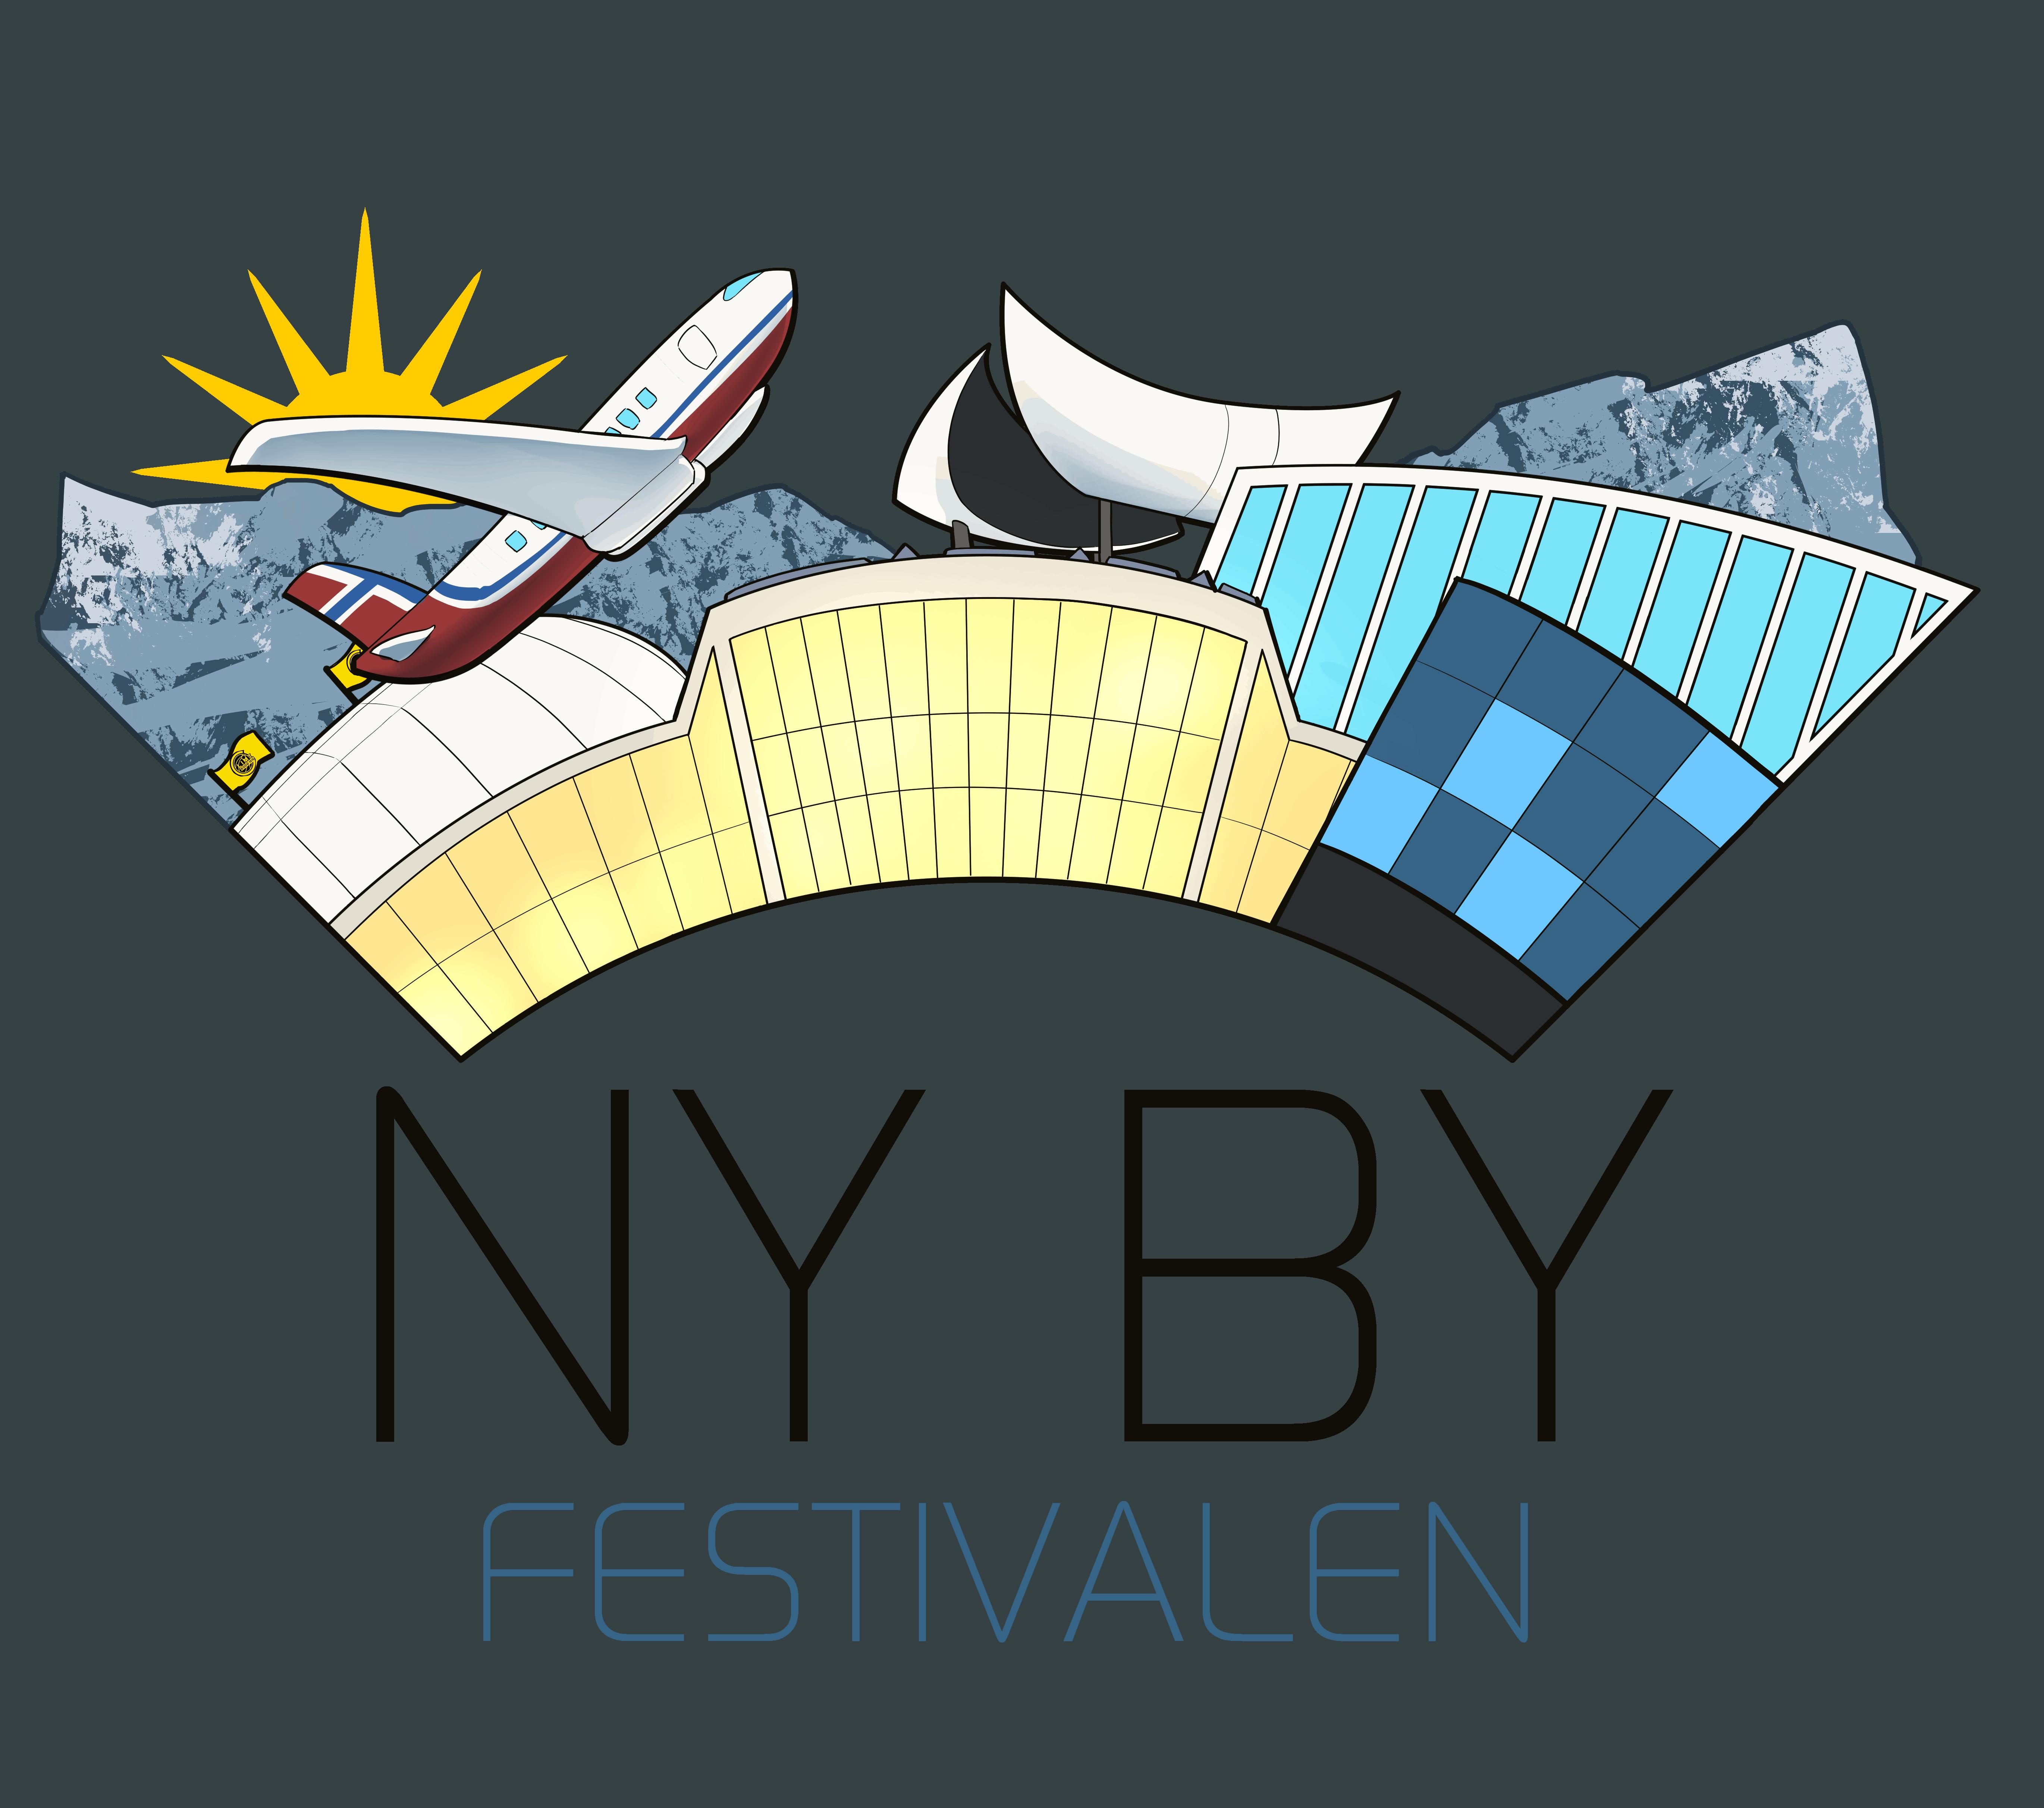 Nybyfestivalen 2021 i Bodø